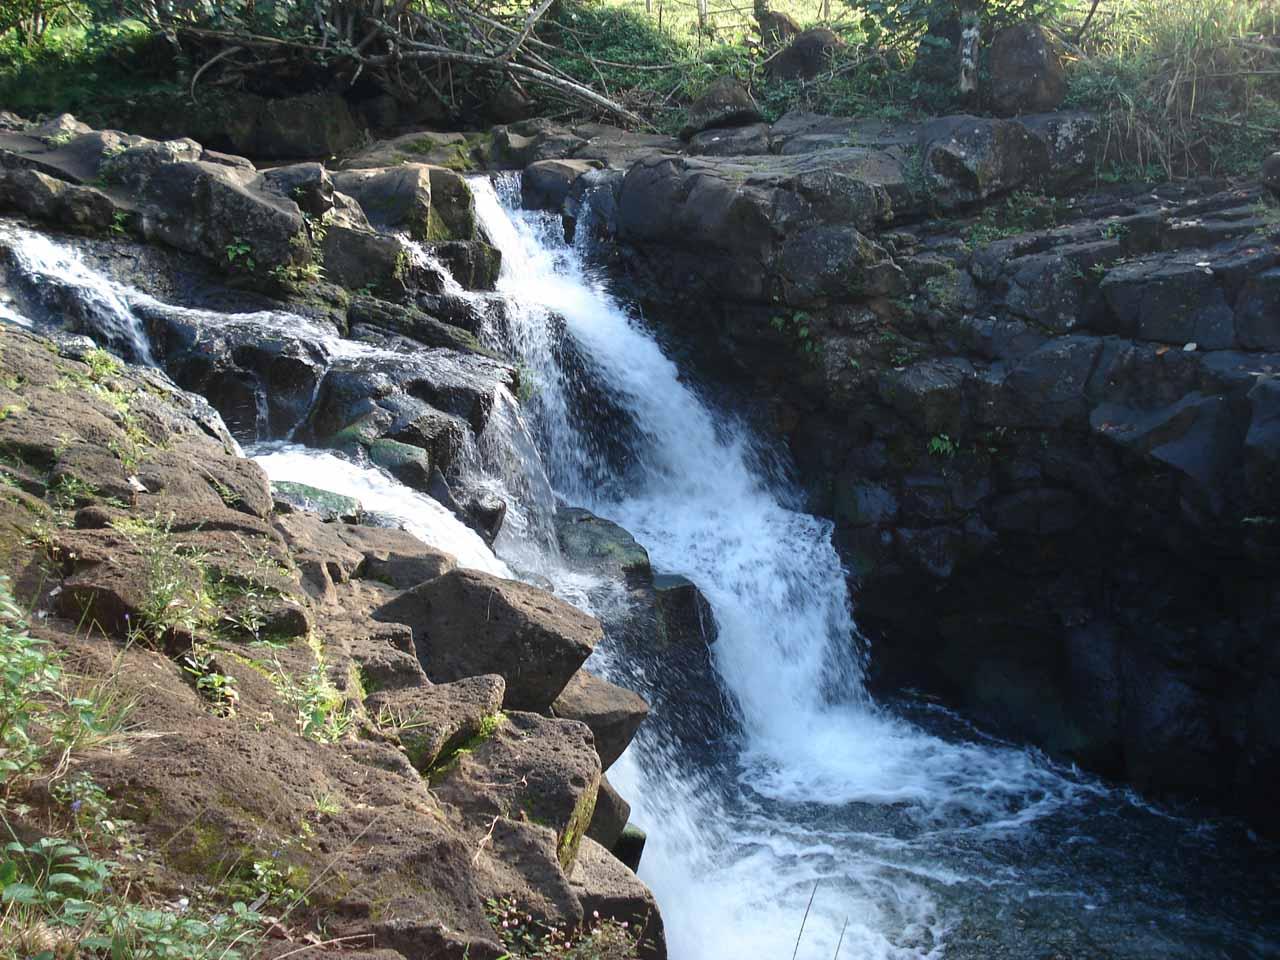 A close look at the top of the Upper Ho'opi'i Falls